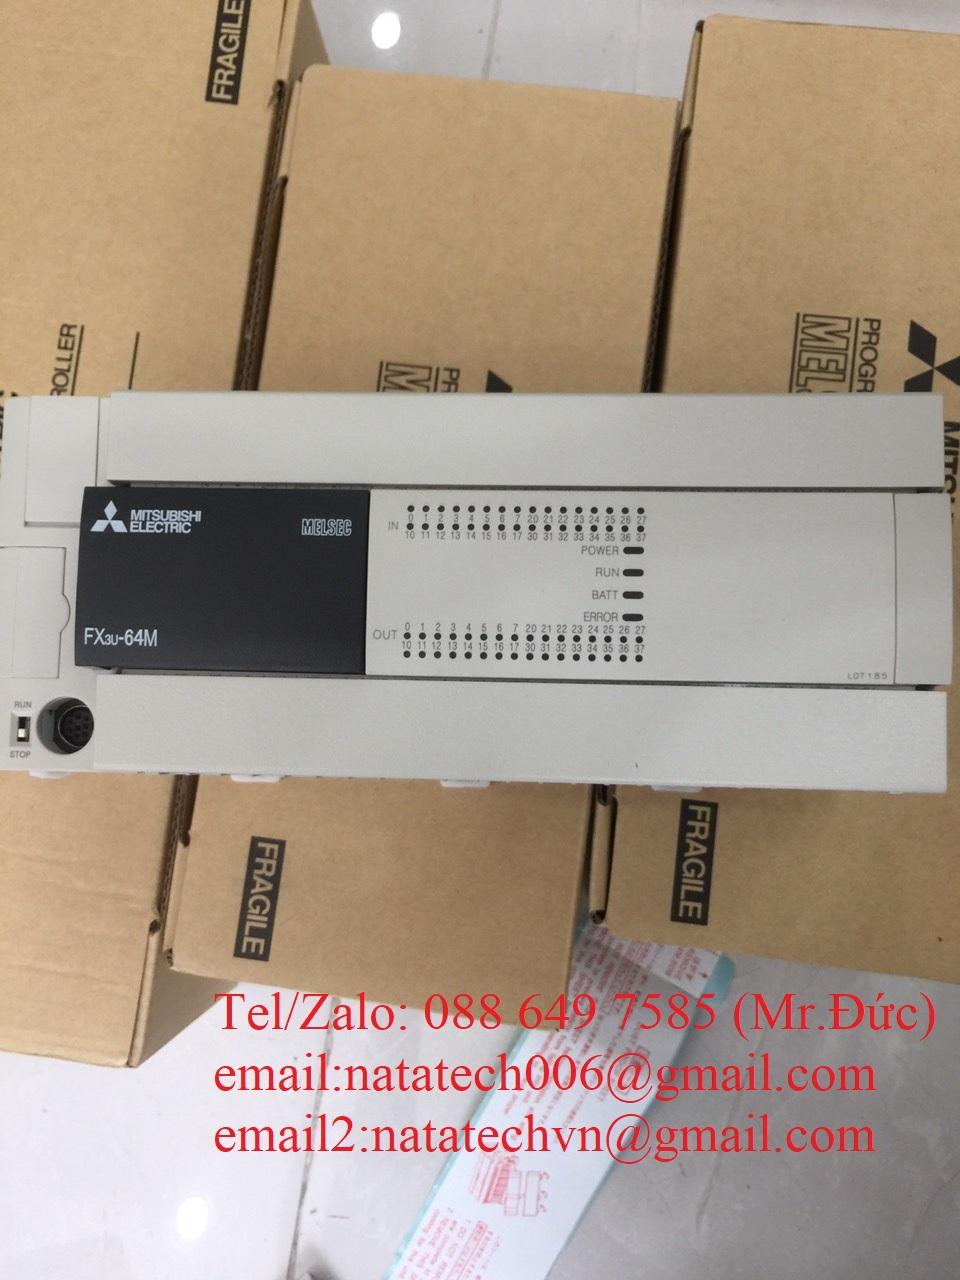 QD77MS16 Công ty TNHH Natatech chuyên cung cấp các model hàng của hãng MITSUB